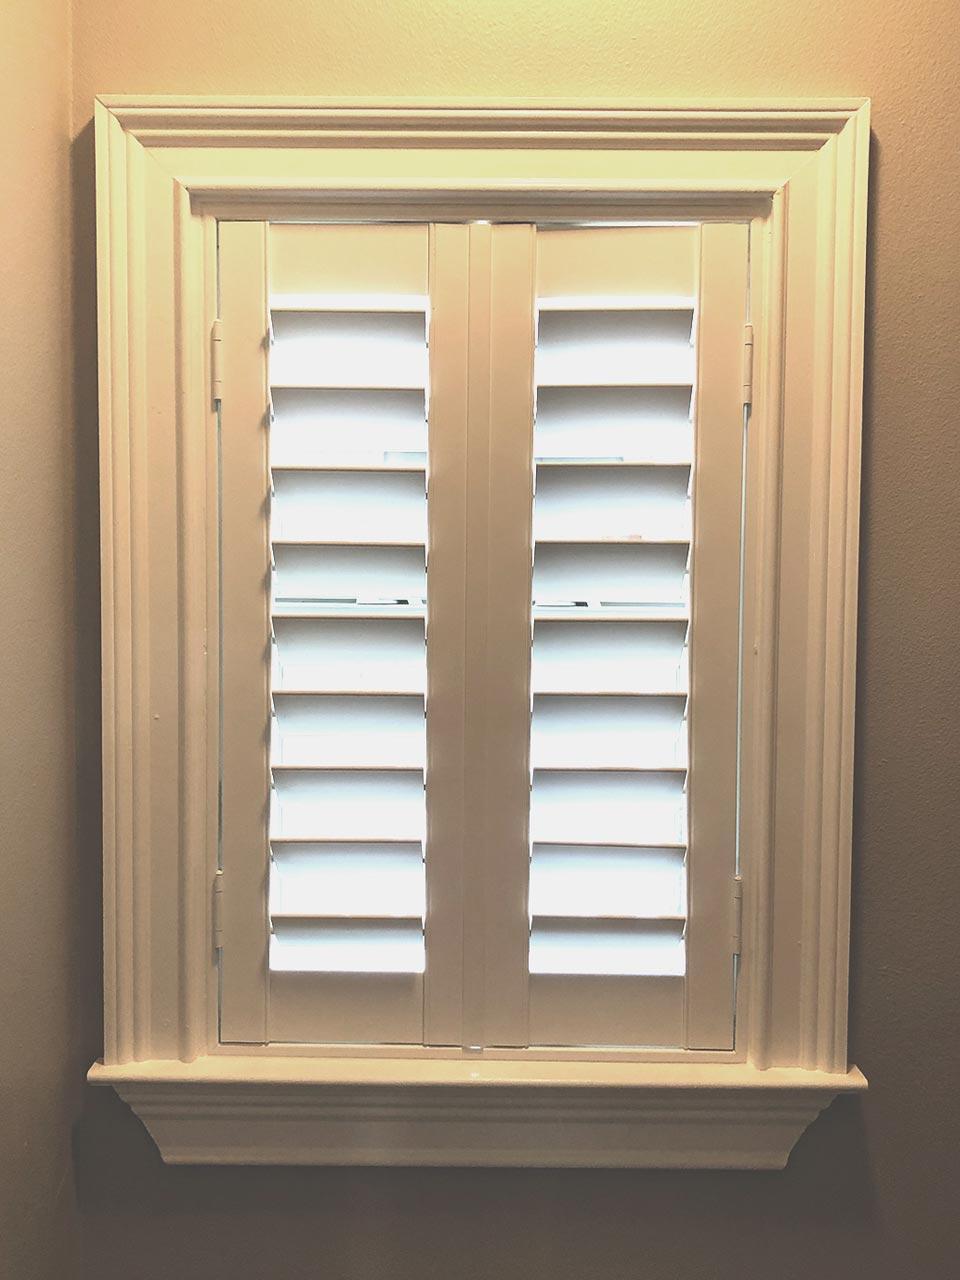 Skandia split tilt shutters